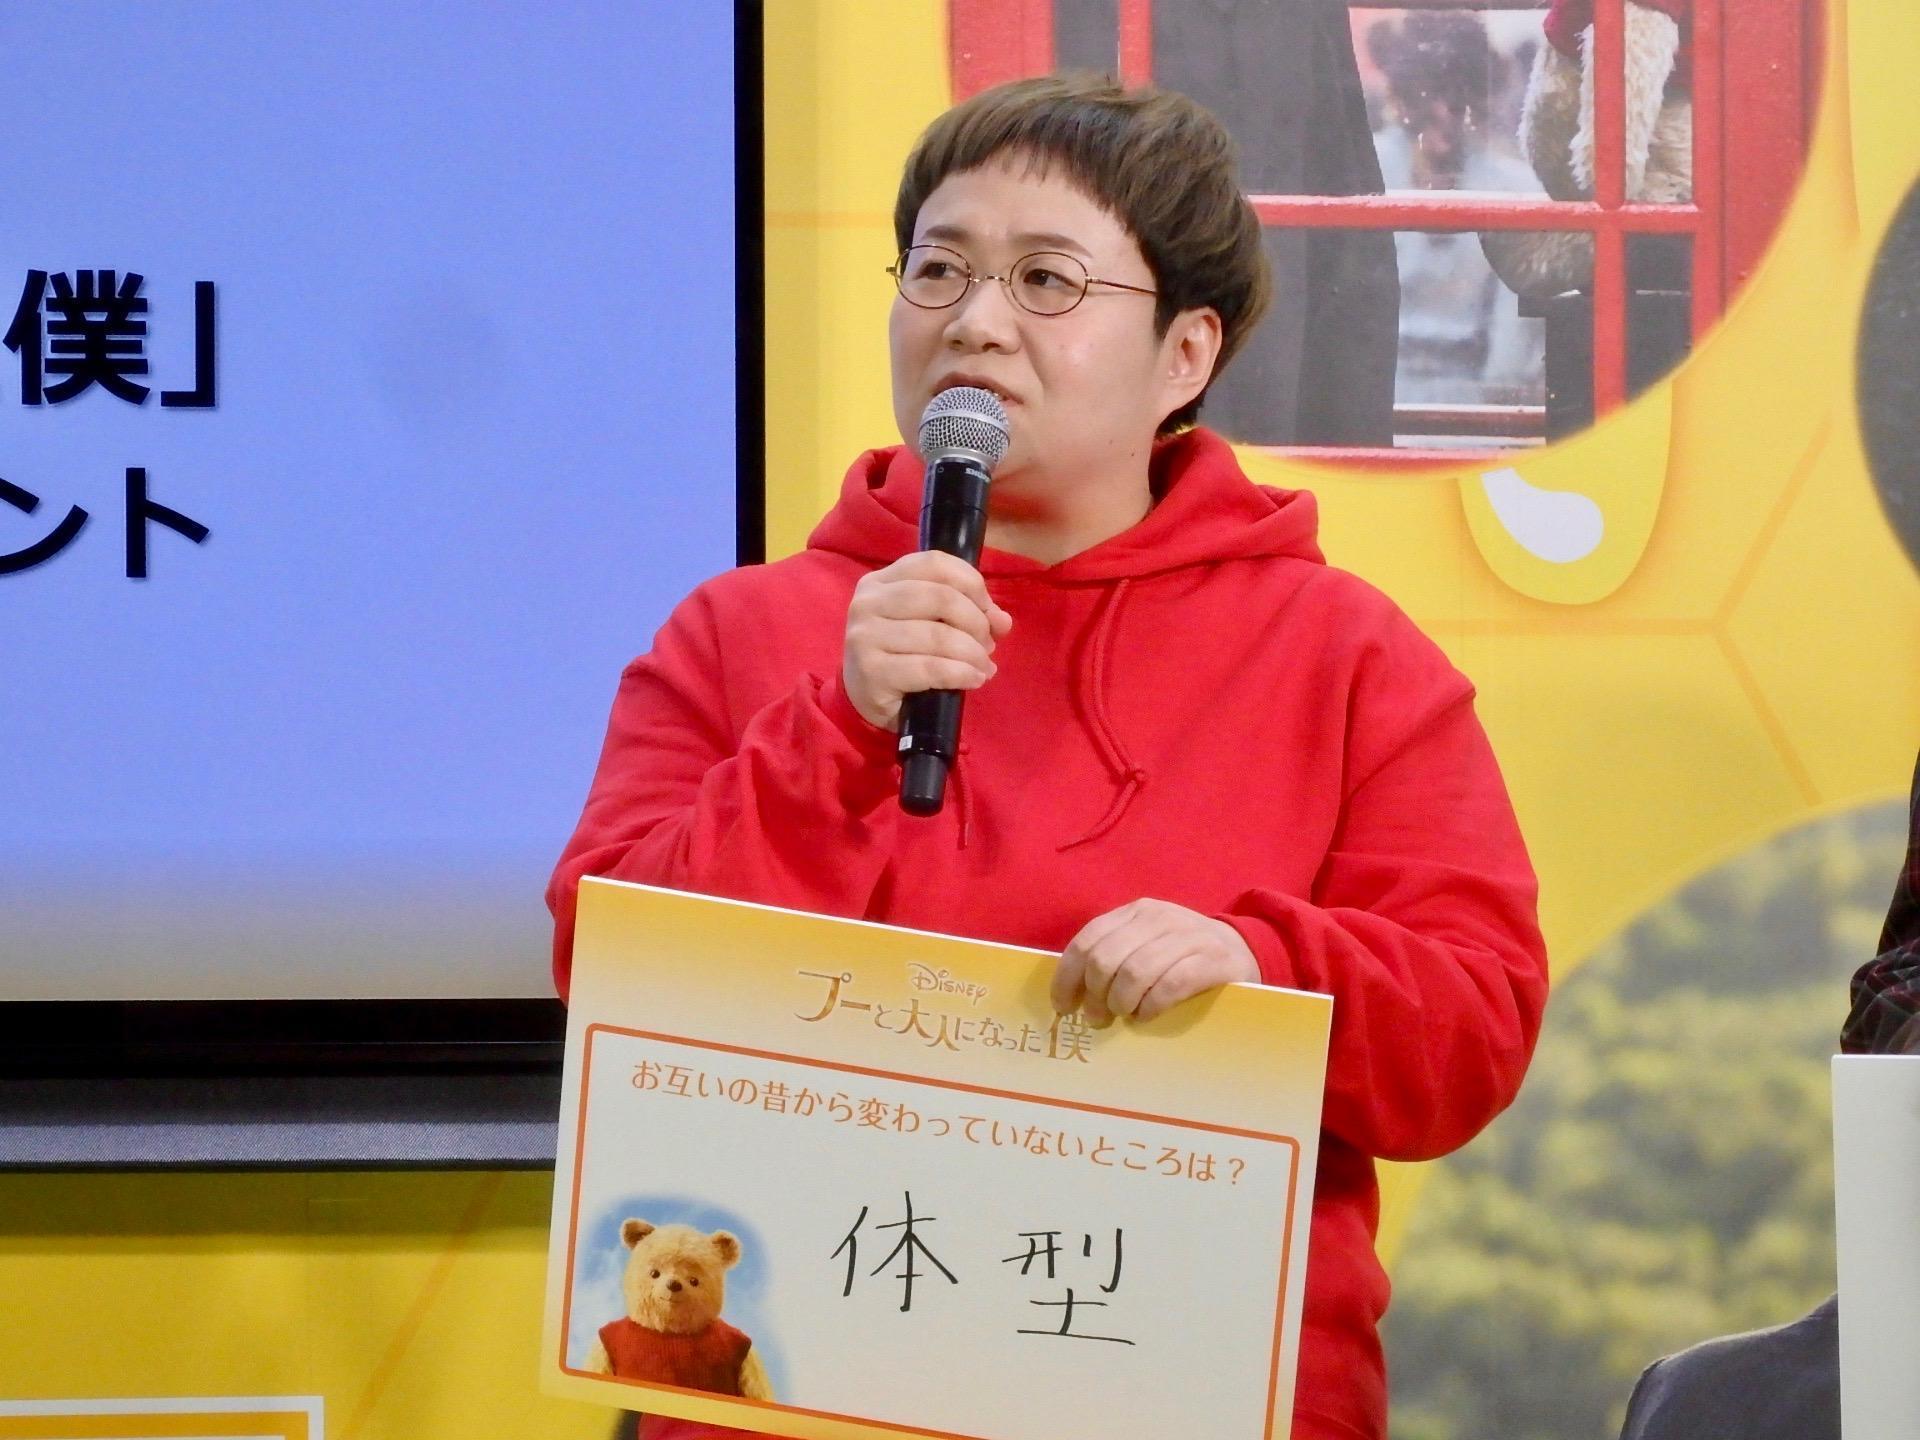 http://news.yoshimoto.co.jp/20181207005709-61798d9867acb7848c6311db8fb330d865eb3ab8.jpeg